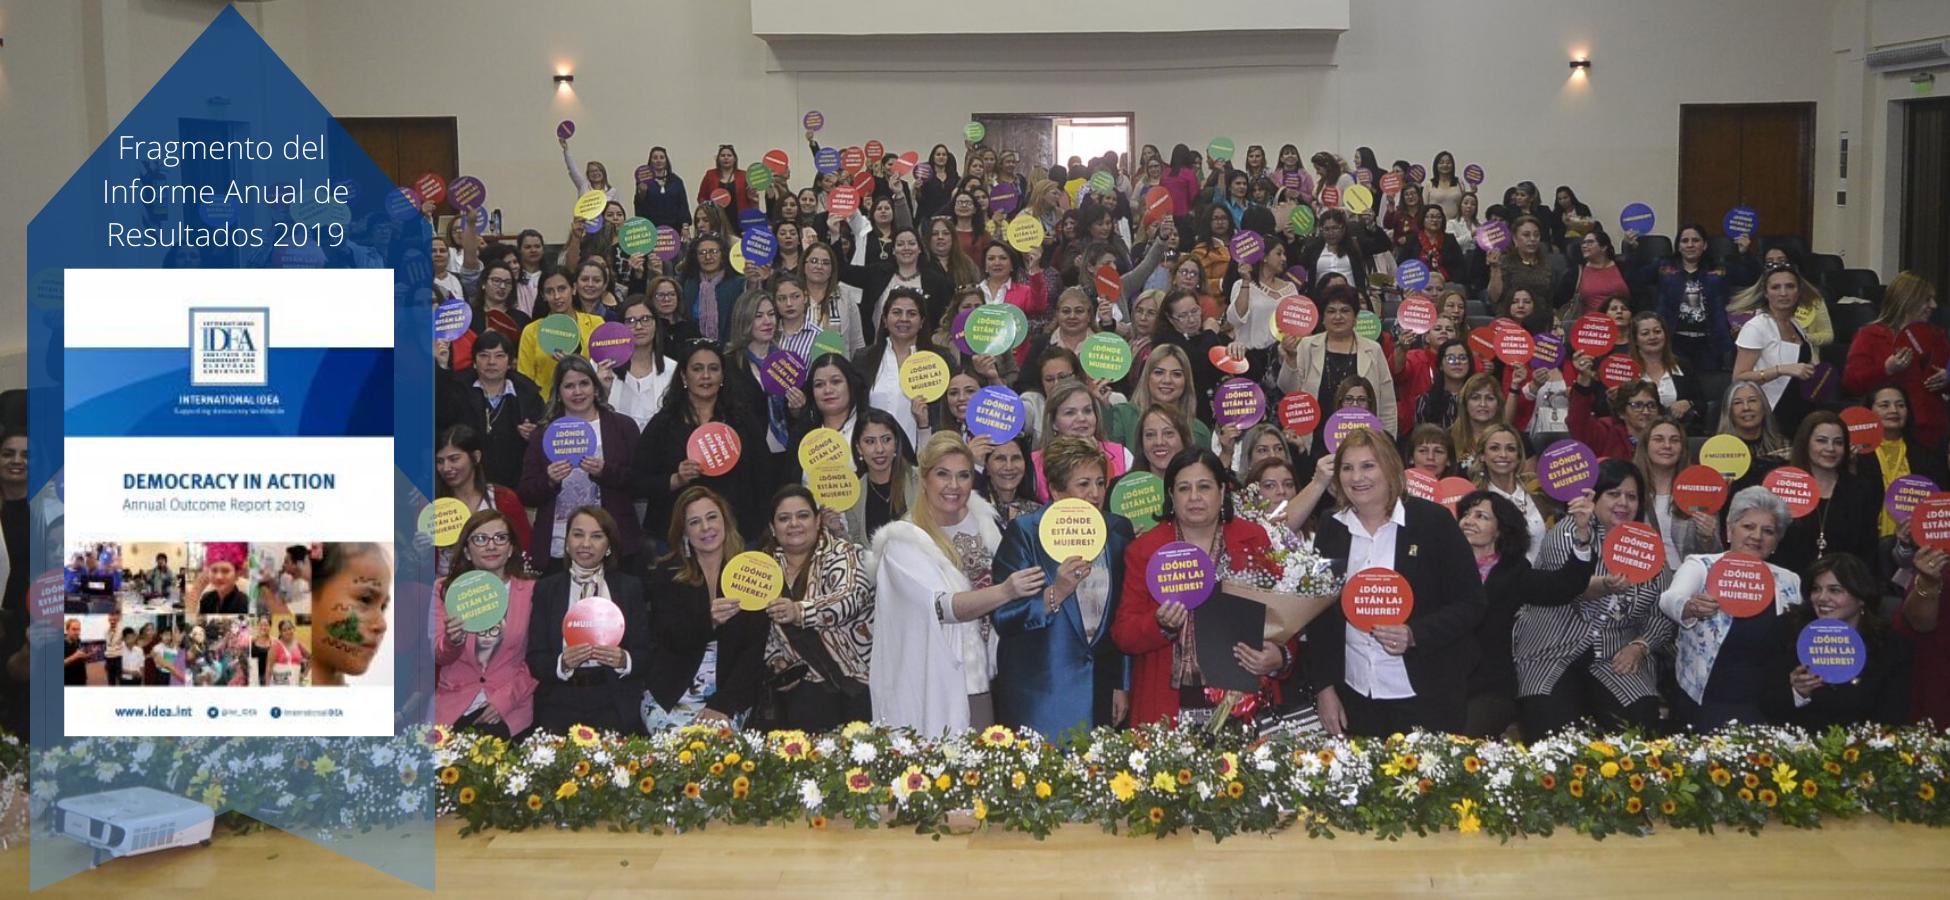 Una reunión de redes de mujeres en Paraguay, 24 de agosto de 2019.